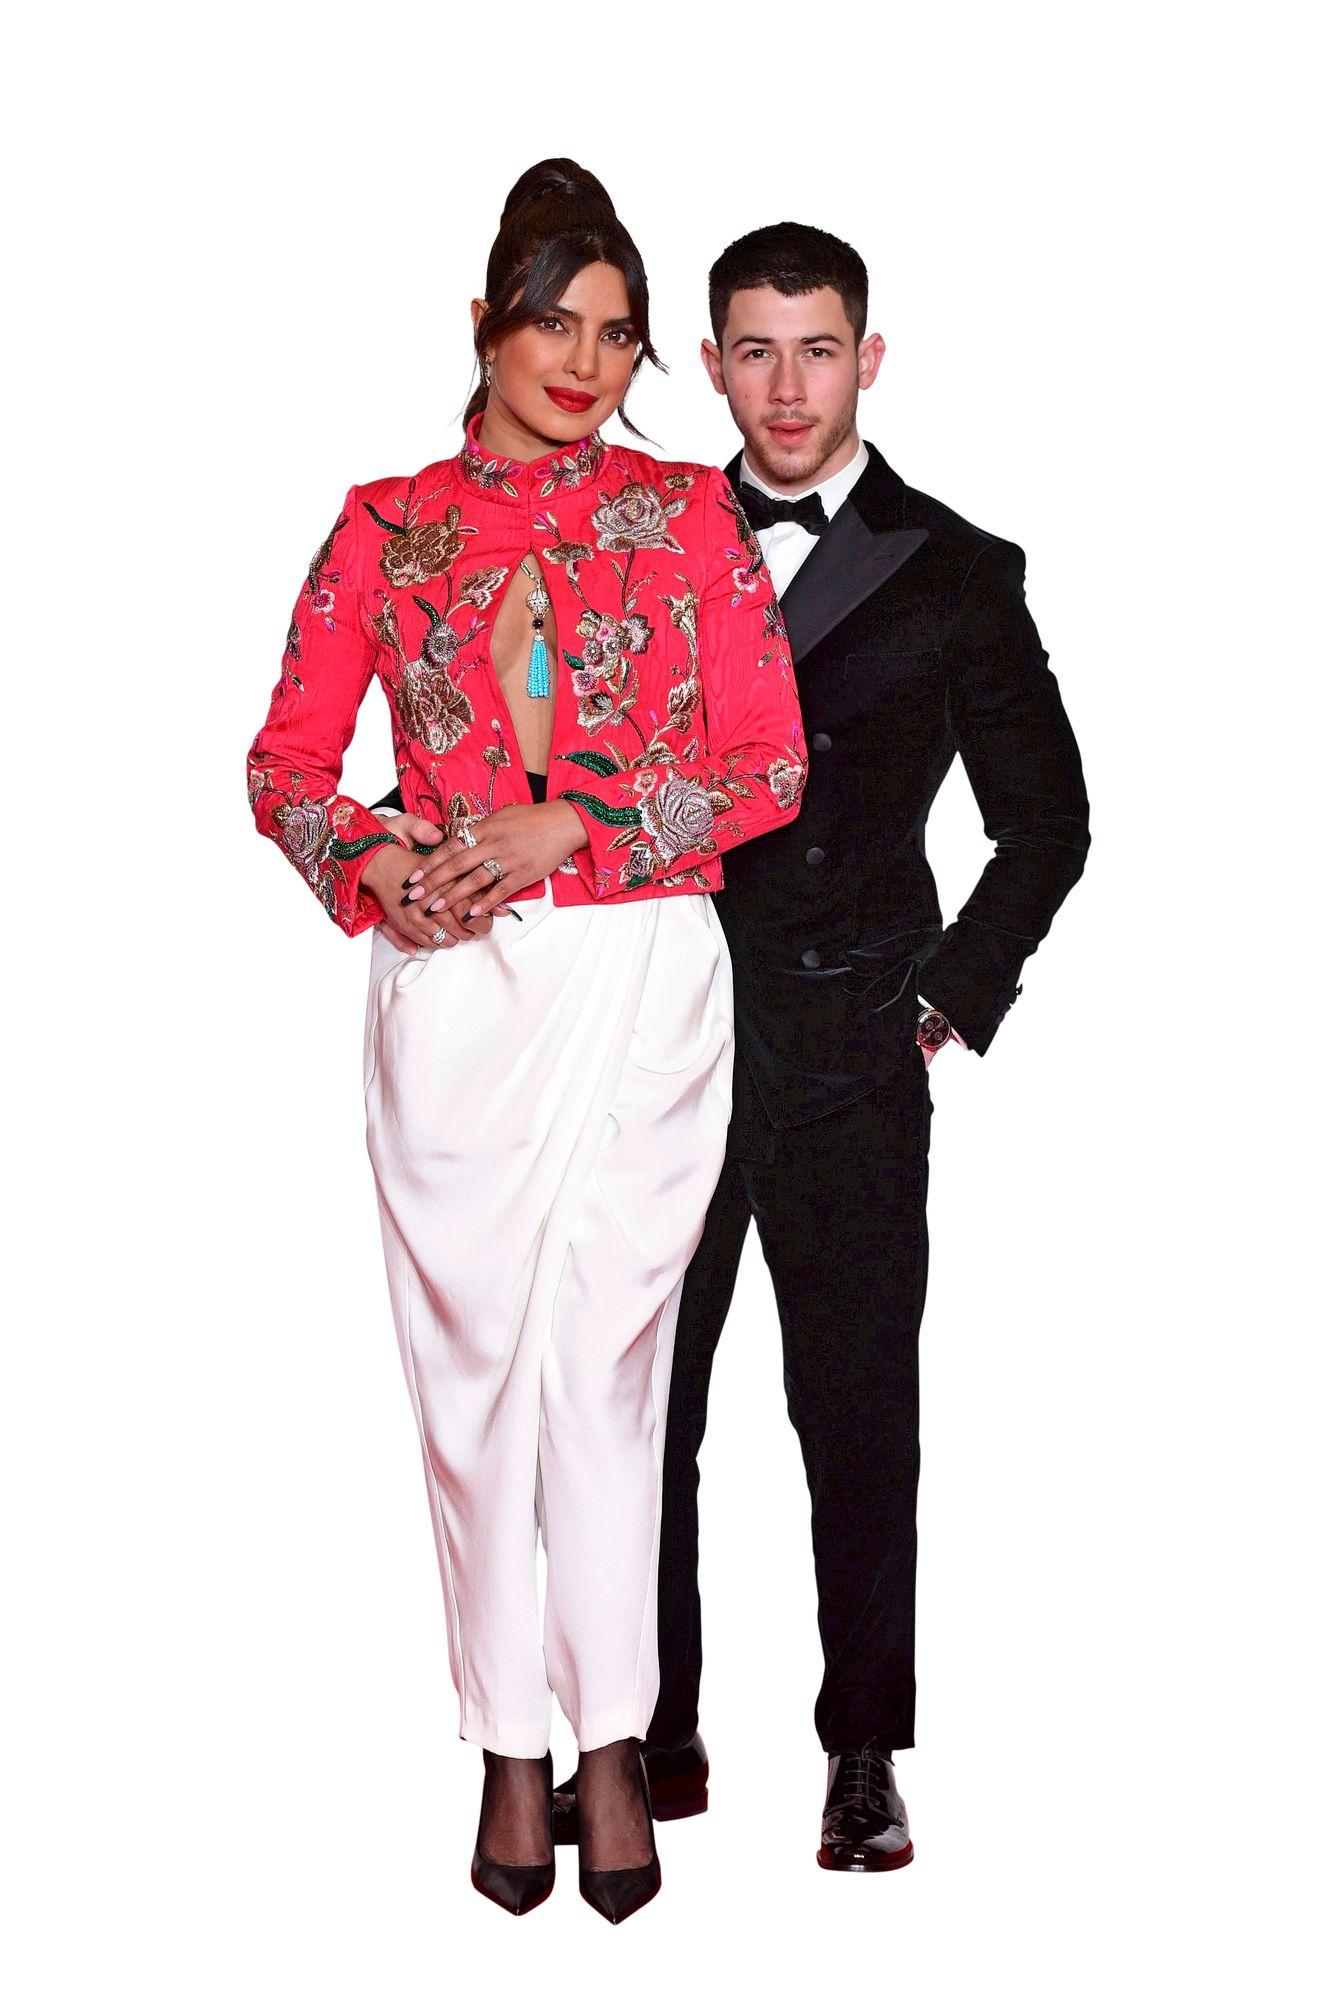 """Bollywoodin supertähti Priyanka Chopra Jonas saapui gaalaan aviomiehensä Nick Jonaksen kanssa. Priyanka on puhunut mediassa intohimoisesta luonteestaan ja sen hyväksymisestä. """"Lapsena ajattelin, että intohimoista naista ei katsota hyvällä. Hiljalleen tajusin, että se on oma vahvuuteni."""" © Ian West / PA Images / MVPhotos"""